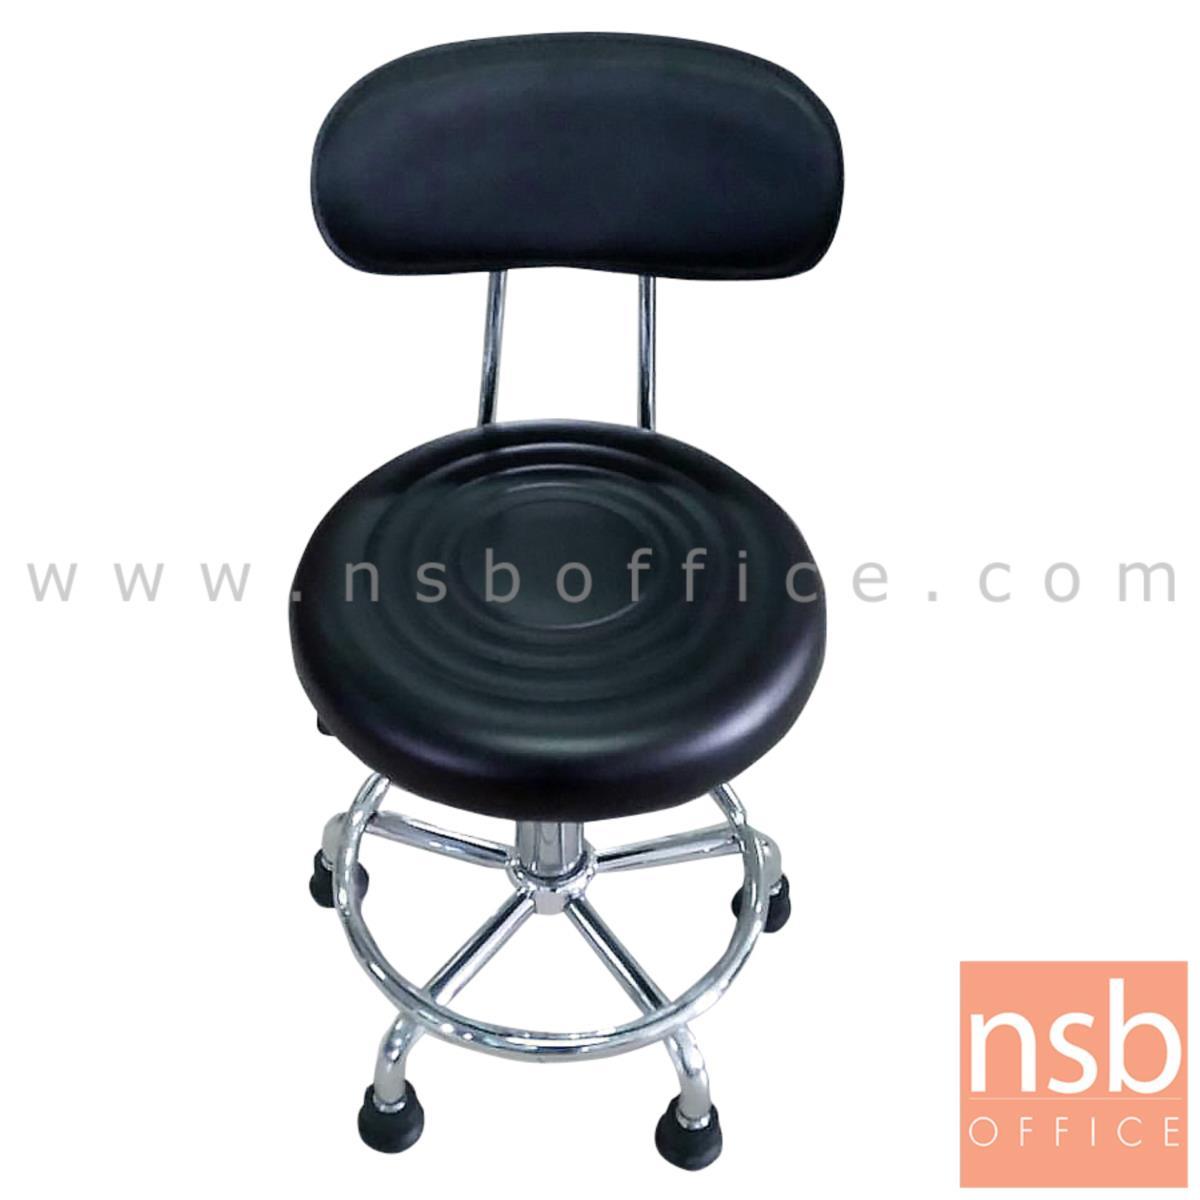 B09A216:เก้าอี้บาร์ที่นั่งกลม   รุ่น Devil (เดวิล)  โช๊คแก๊ส ขาจุกแป้น